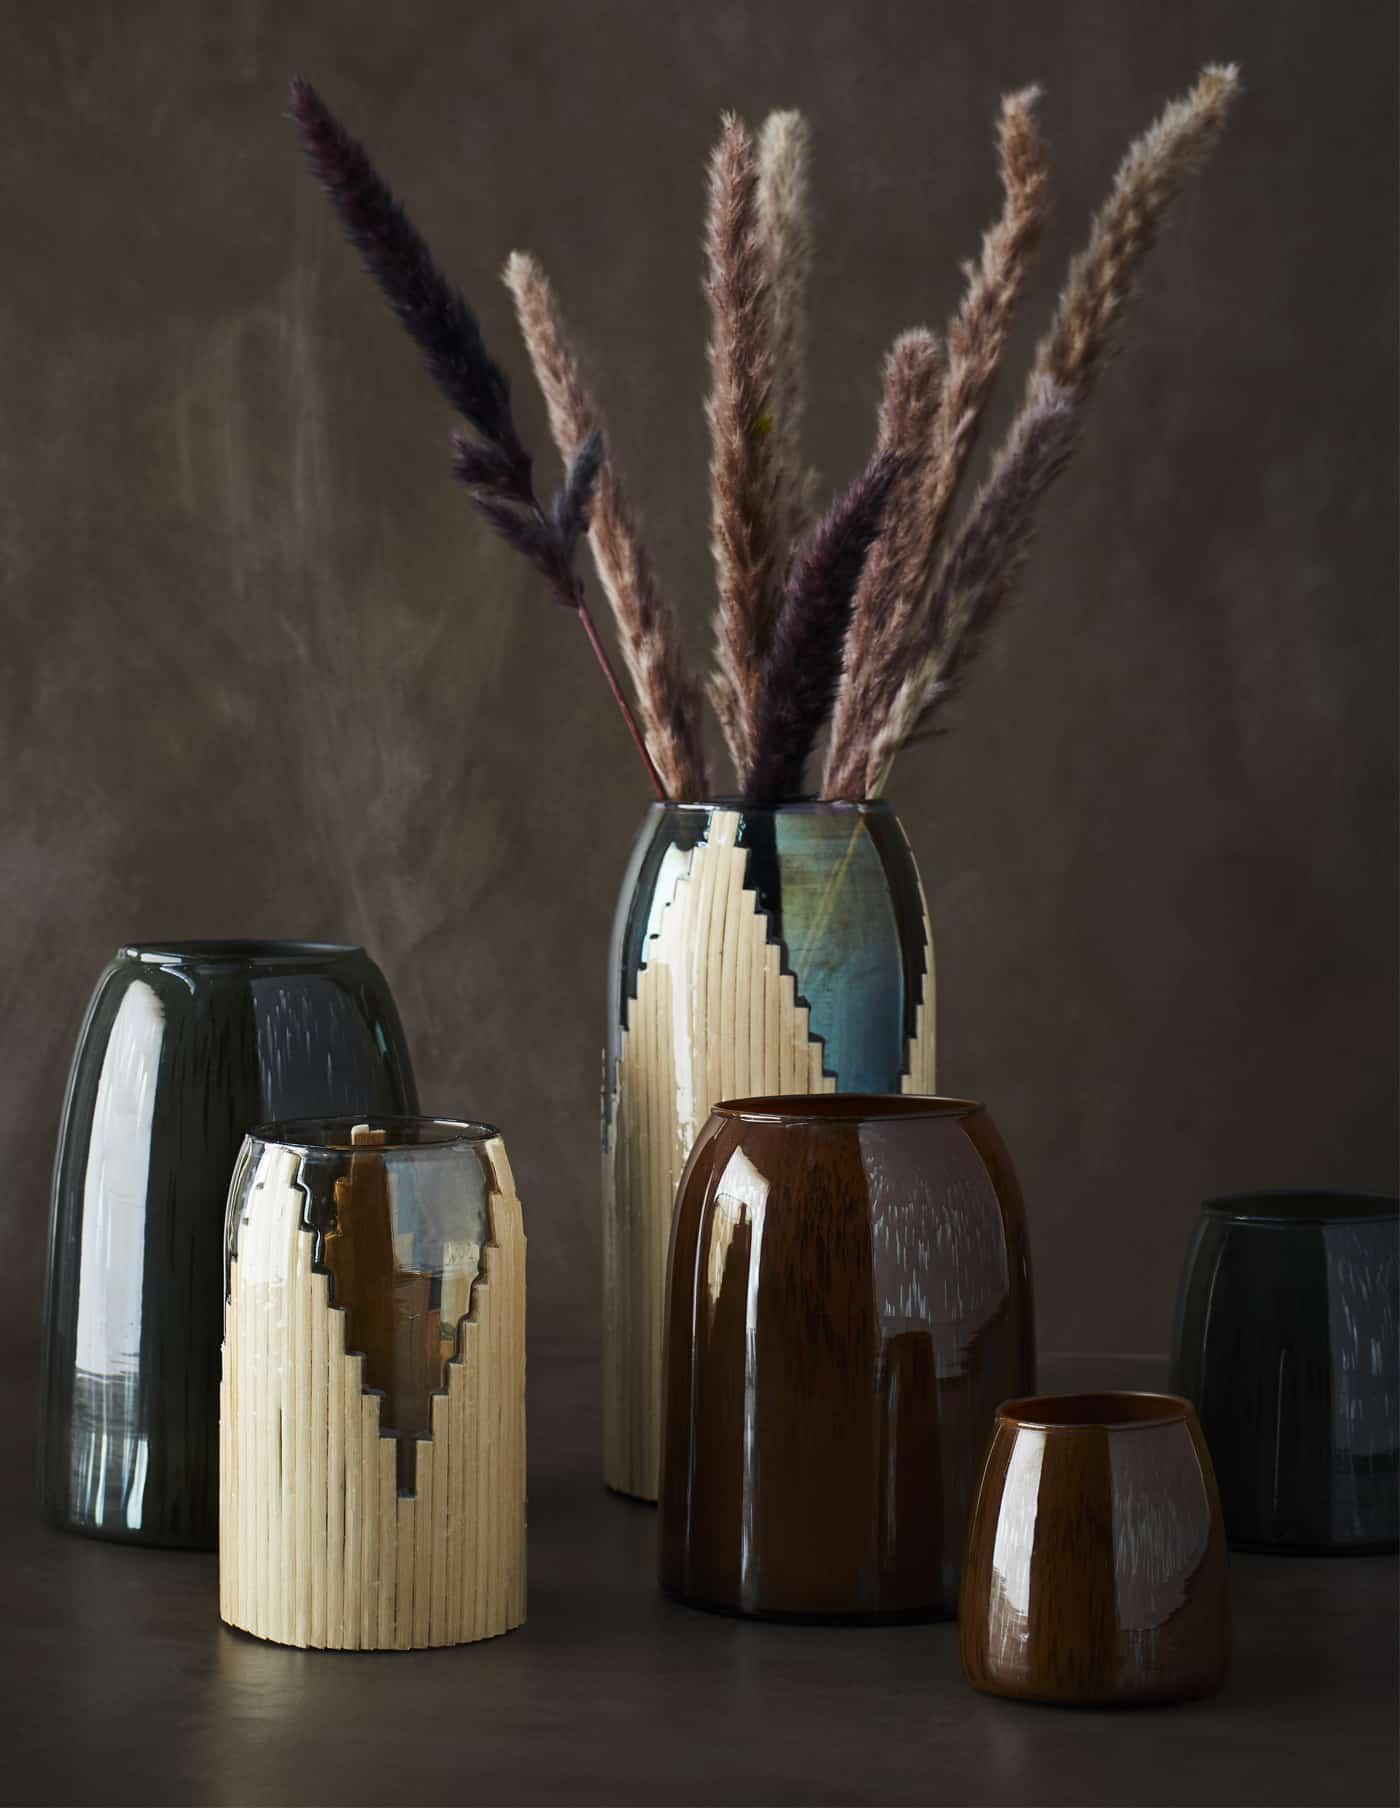 Brown Glass Vase, Madam Stoltz